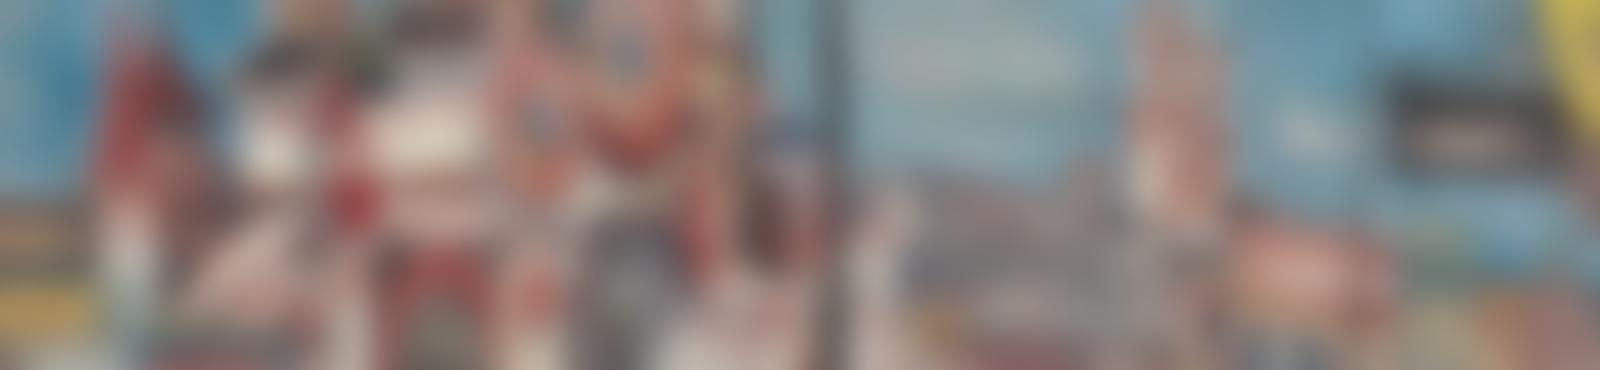 Blurred c6608b31 37b9 44ab 84df bd3dd16a42e9